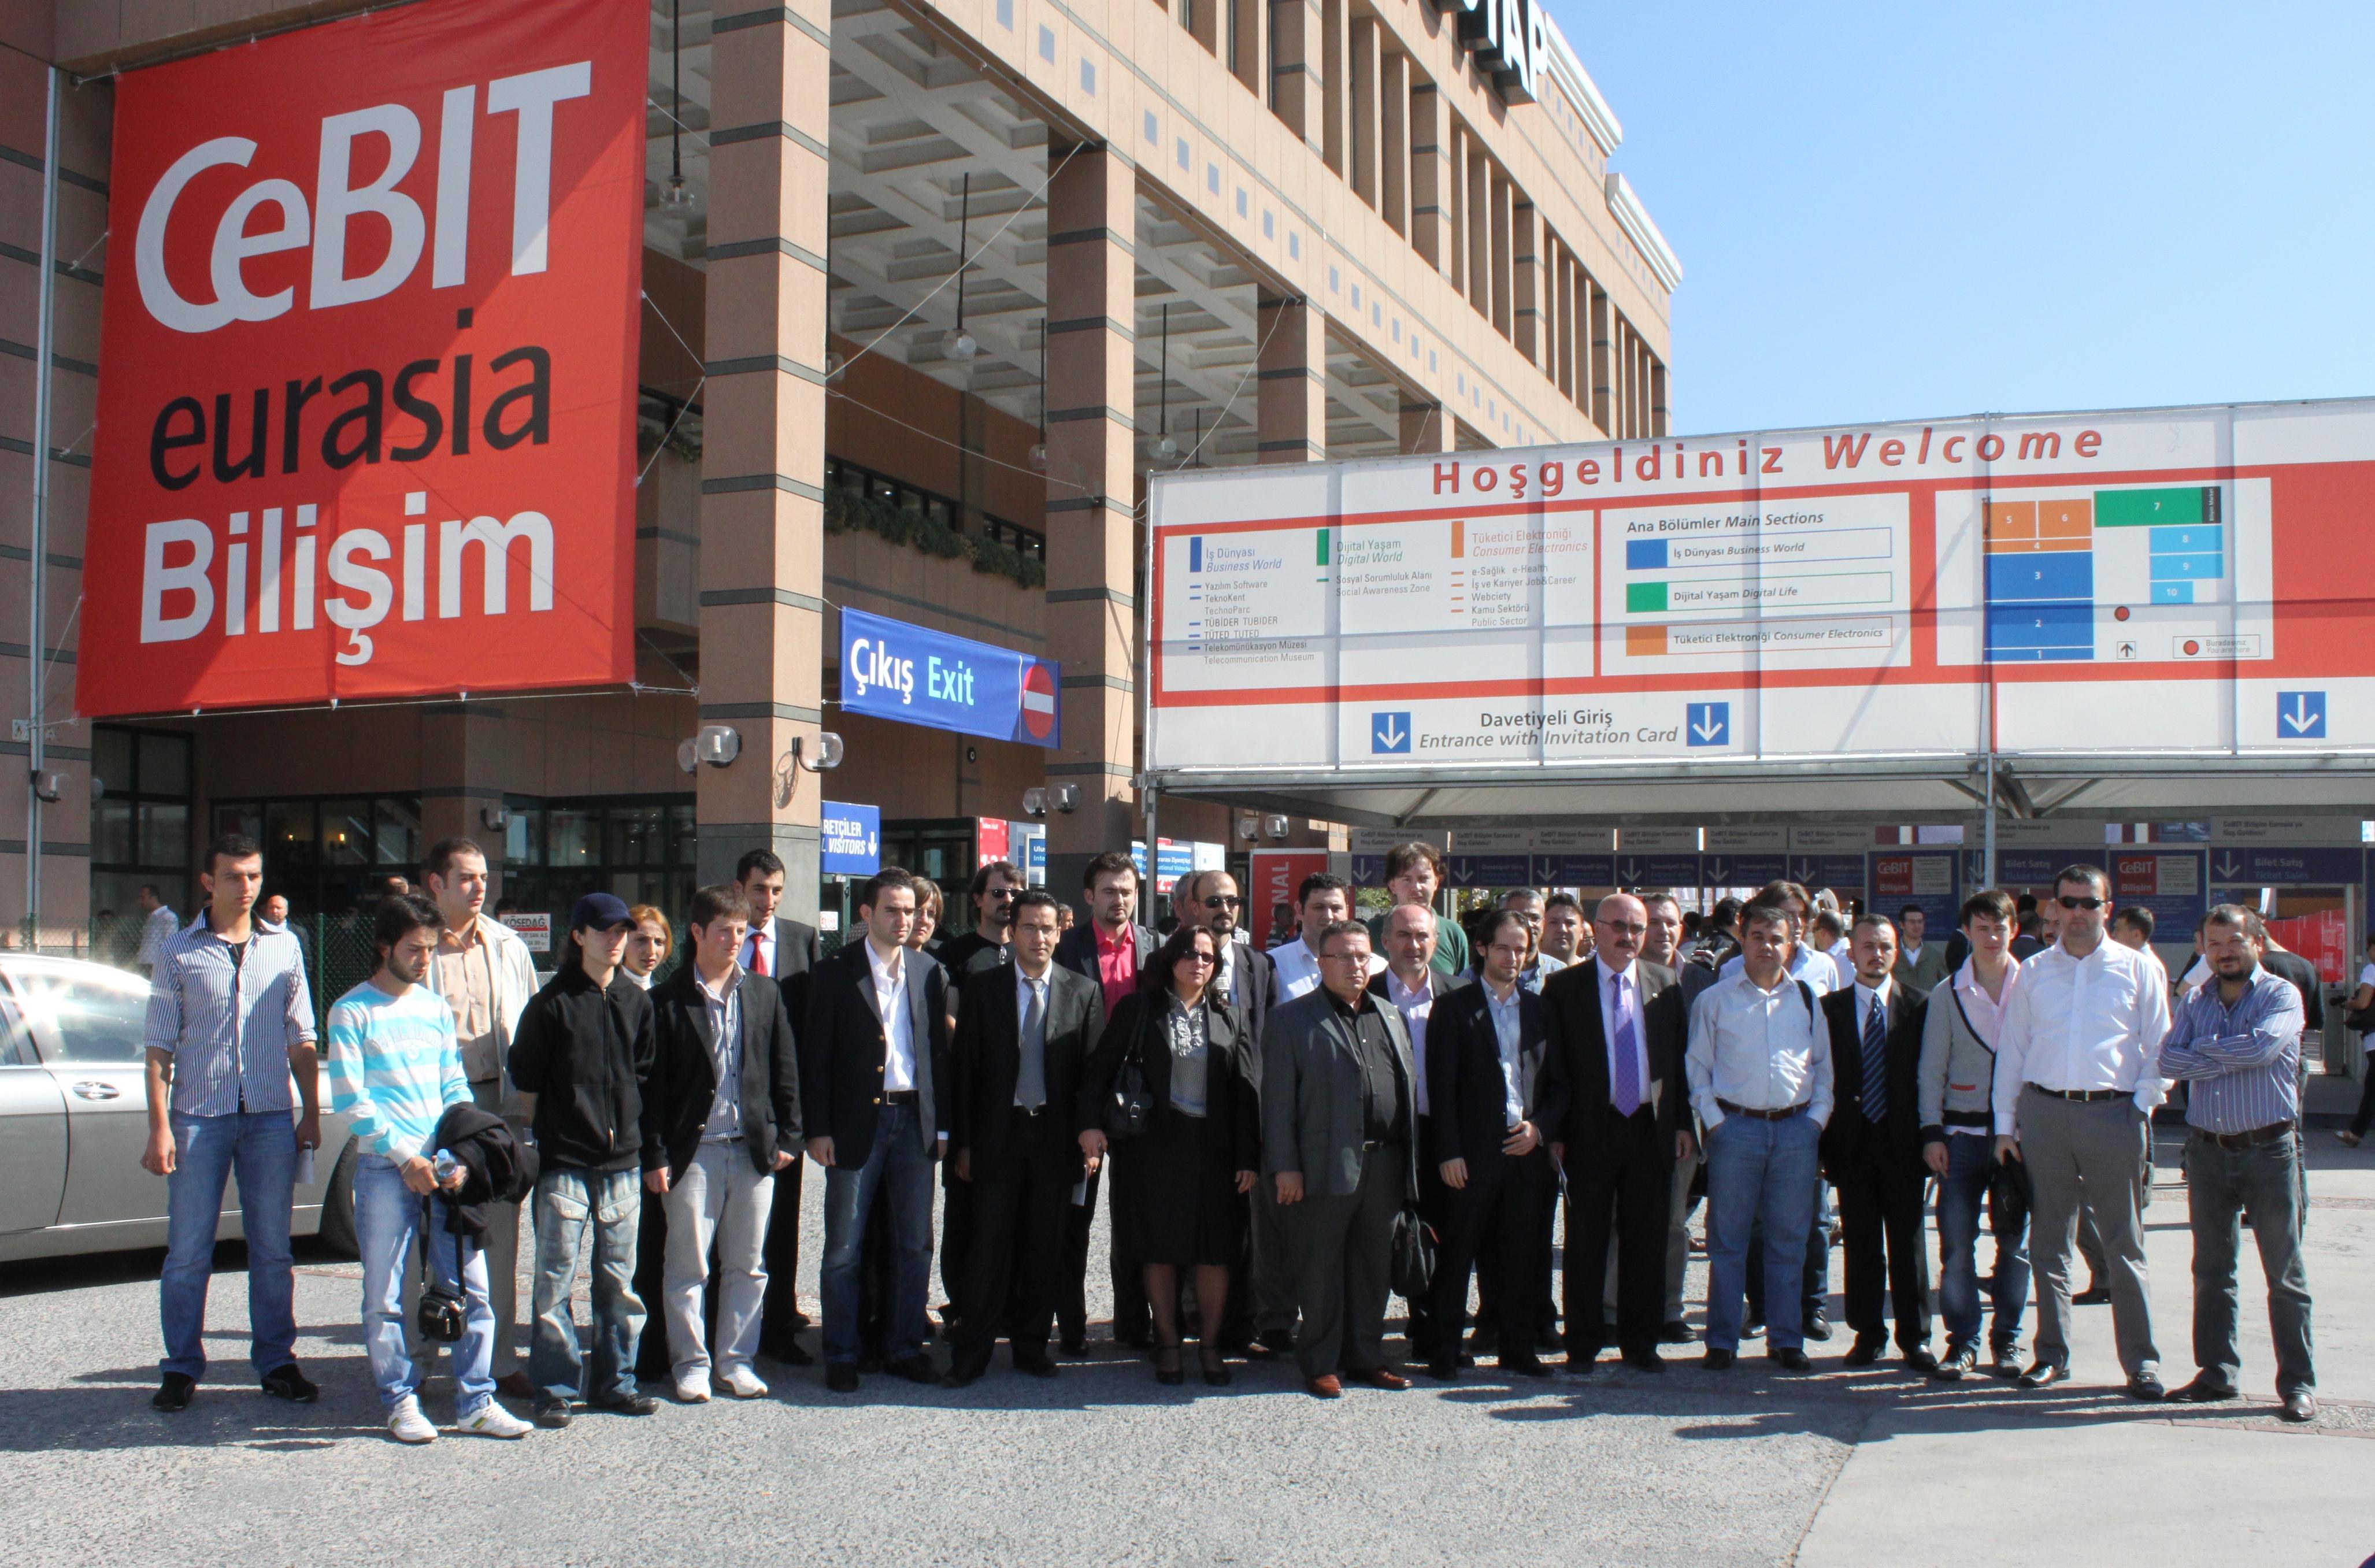 Sabider- İstanbul Cebit Eurasia Fuarında…